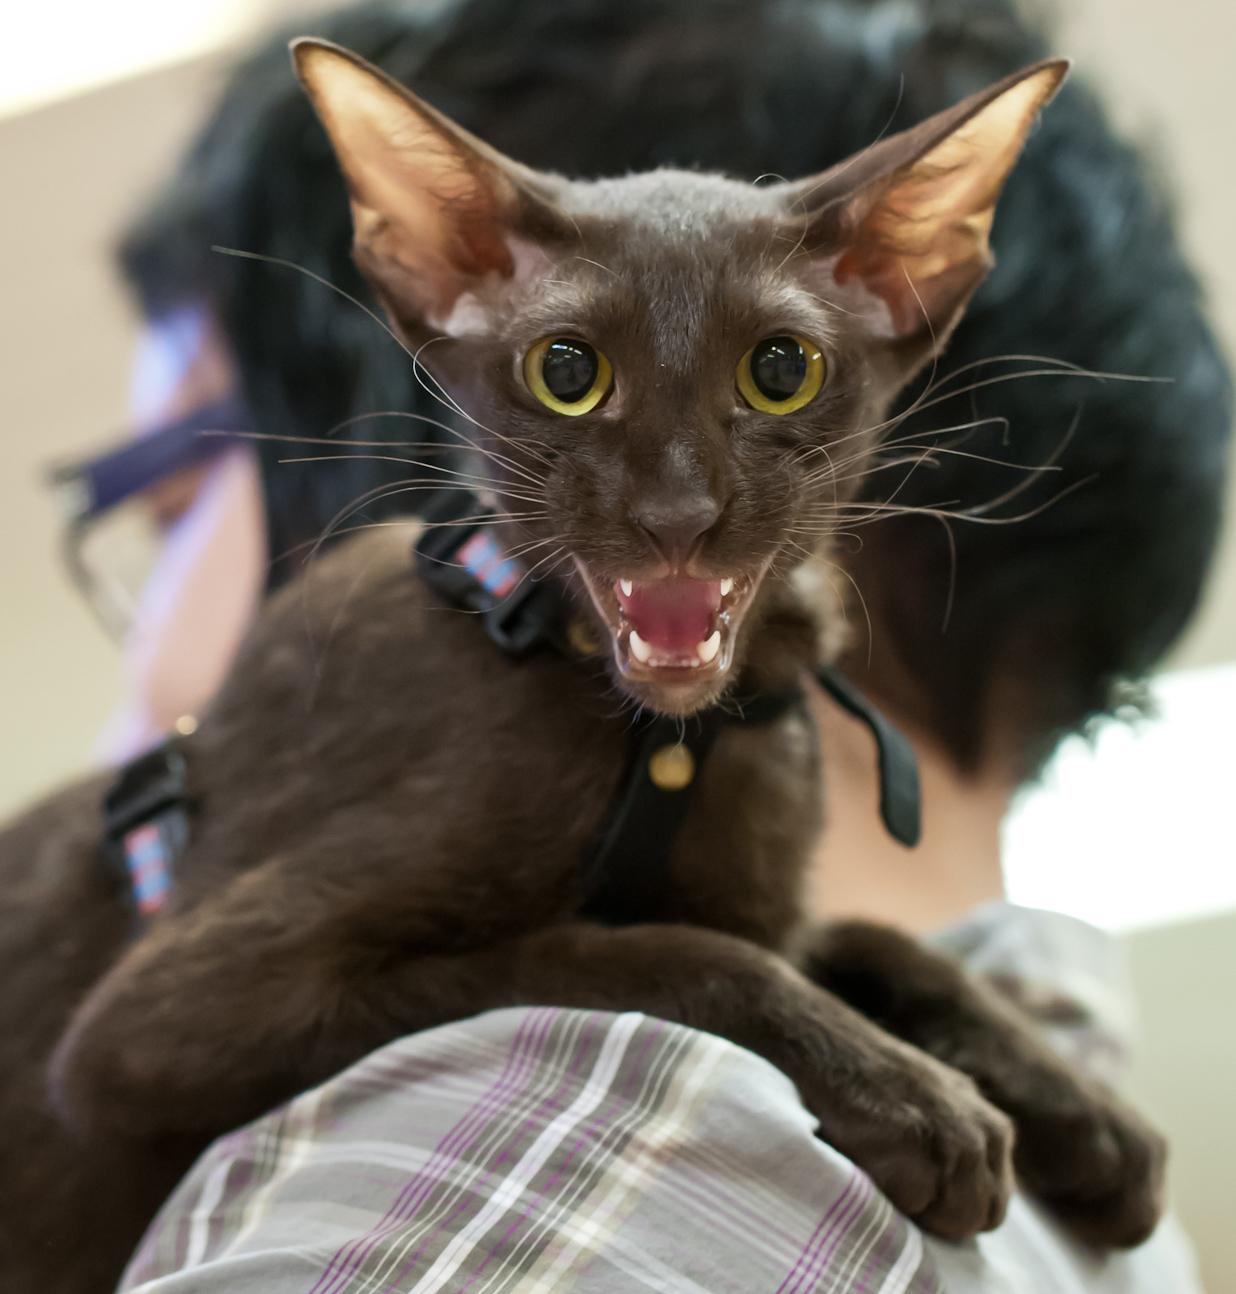 Chikita Glamour Queen (Tirri) [PEB x], kuva 201127, 25.11.2012